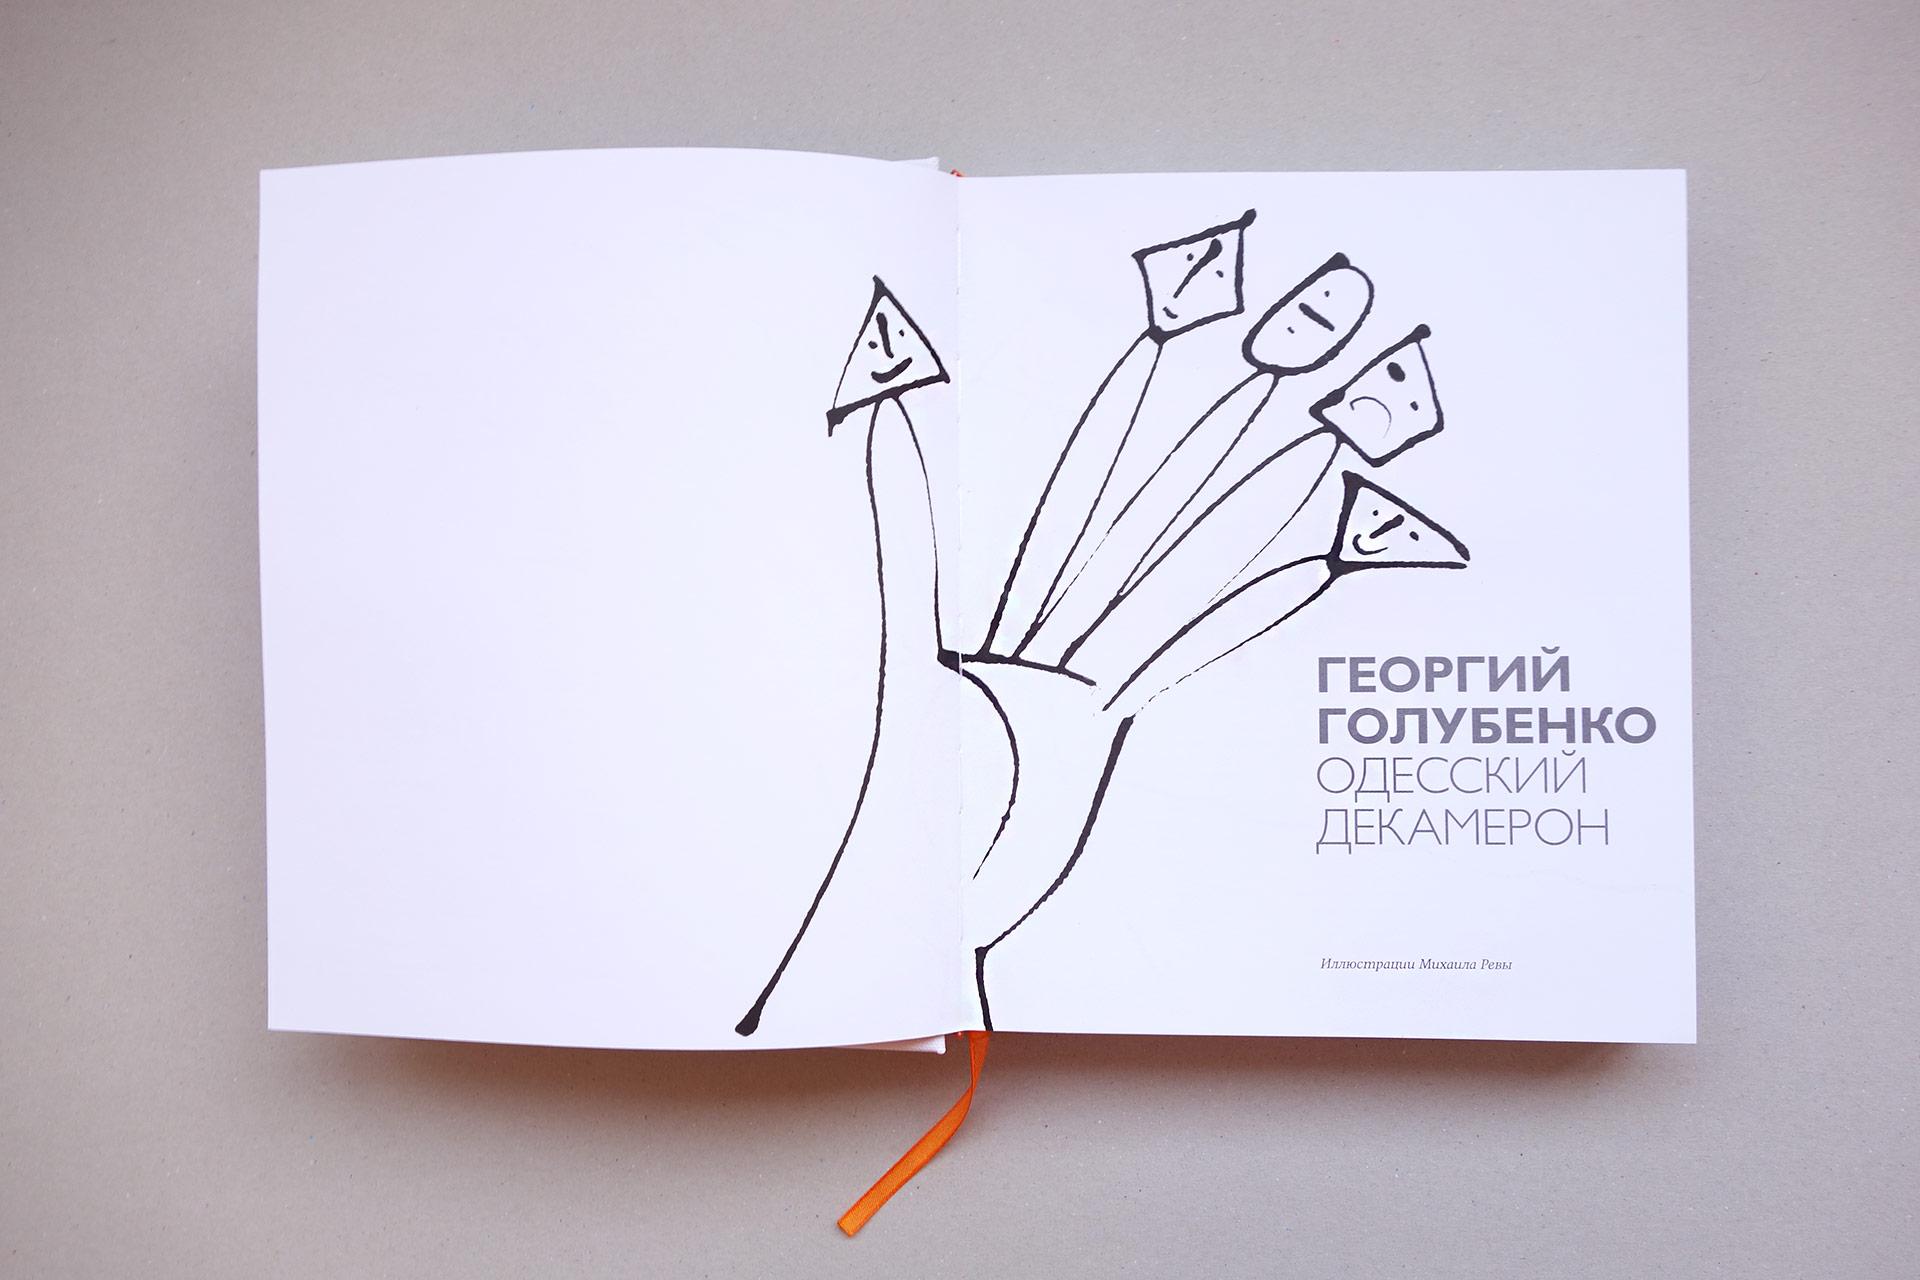 Asgard Branding, юбилейный альбом, дизайн, титул, печатные издания, дизайн книги, Георгий Голубенко, Михаил Рева, иллюстрации